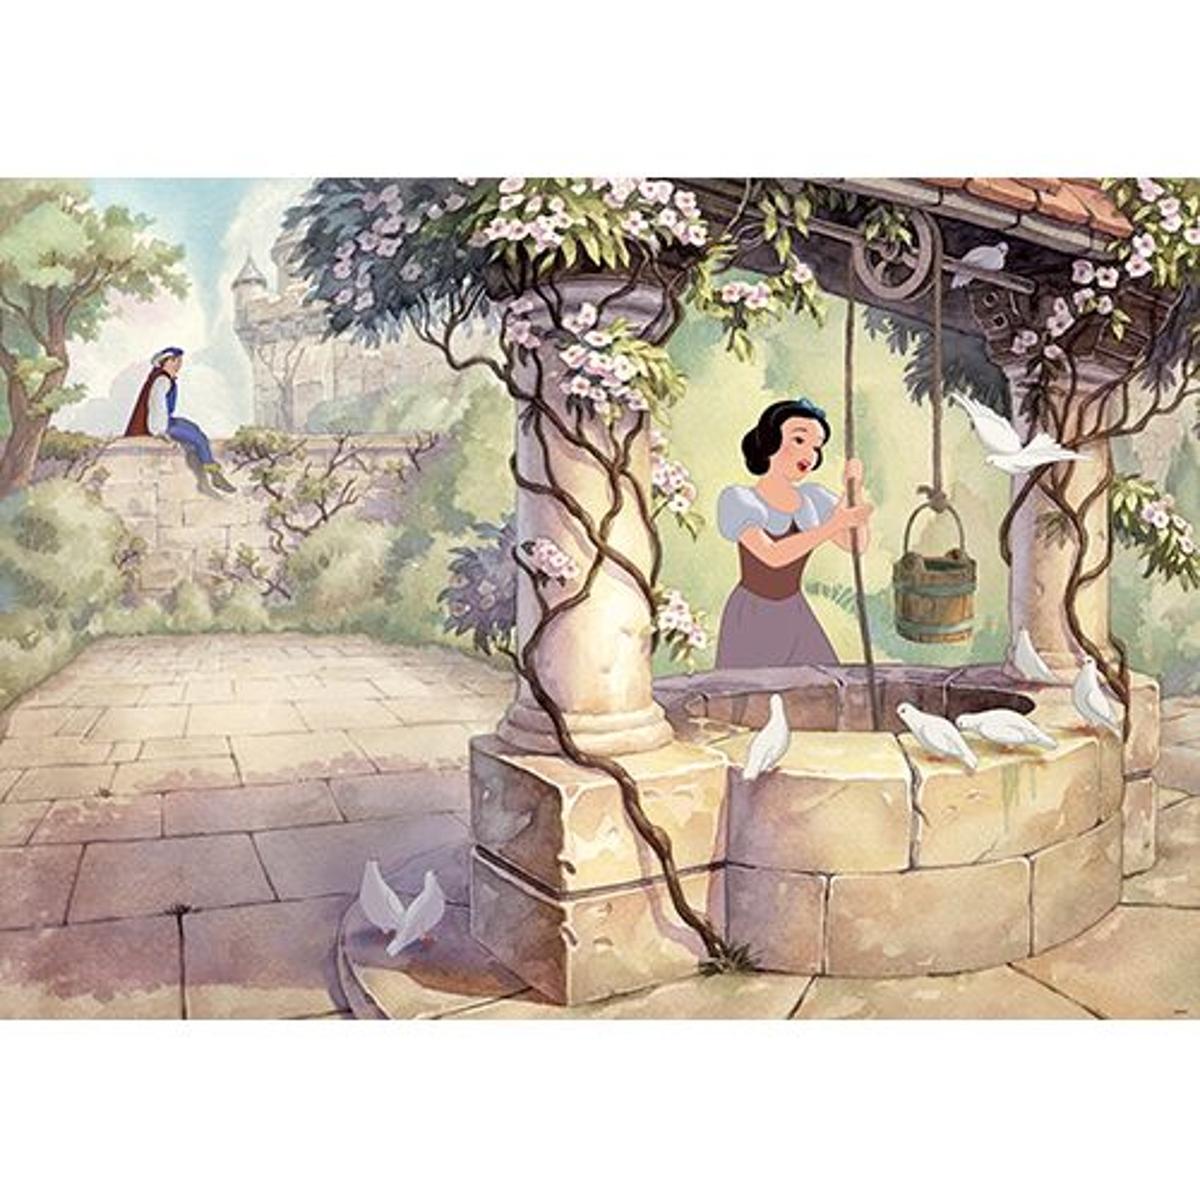 papier peint Disney Princess; Blanche neige and the Seven Dwarfs, Królewna snieka i siedmiu krasnoludków- 416 x 254cm